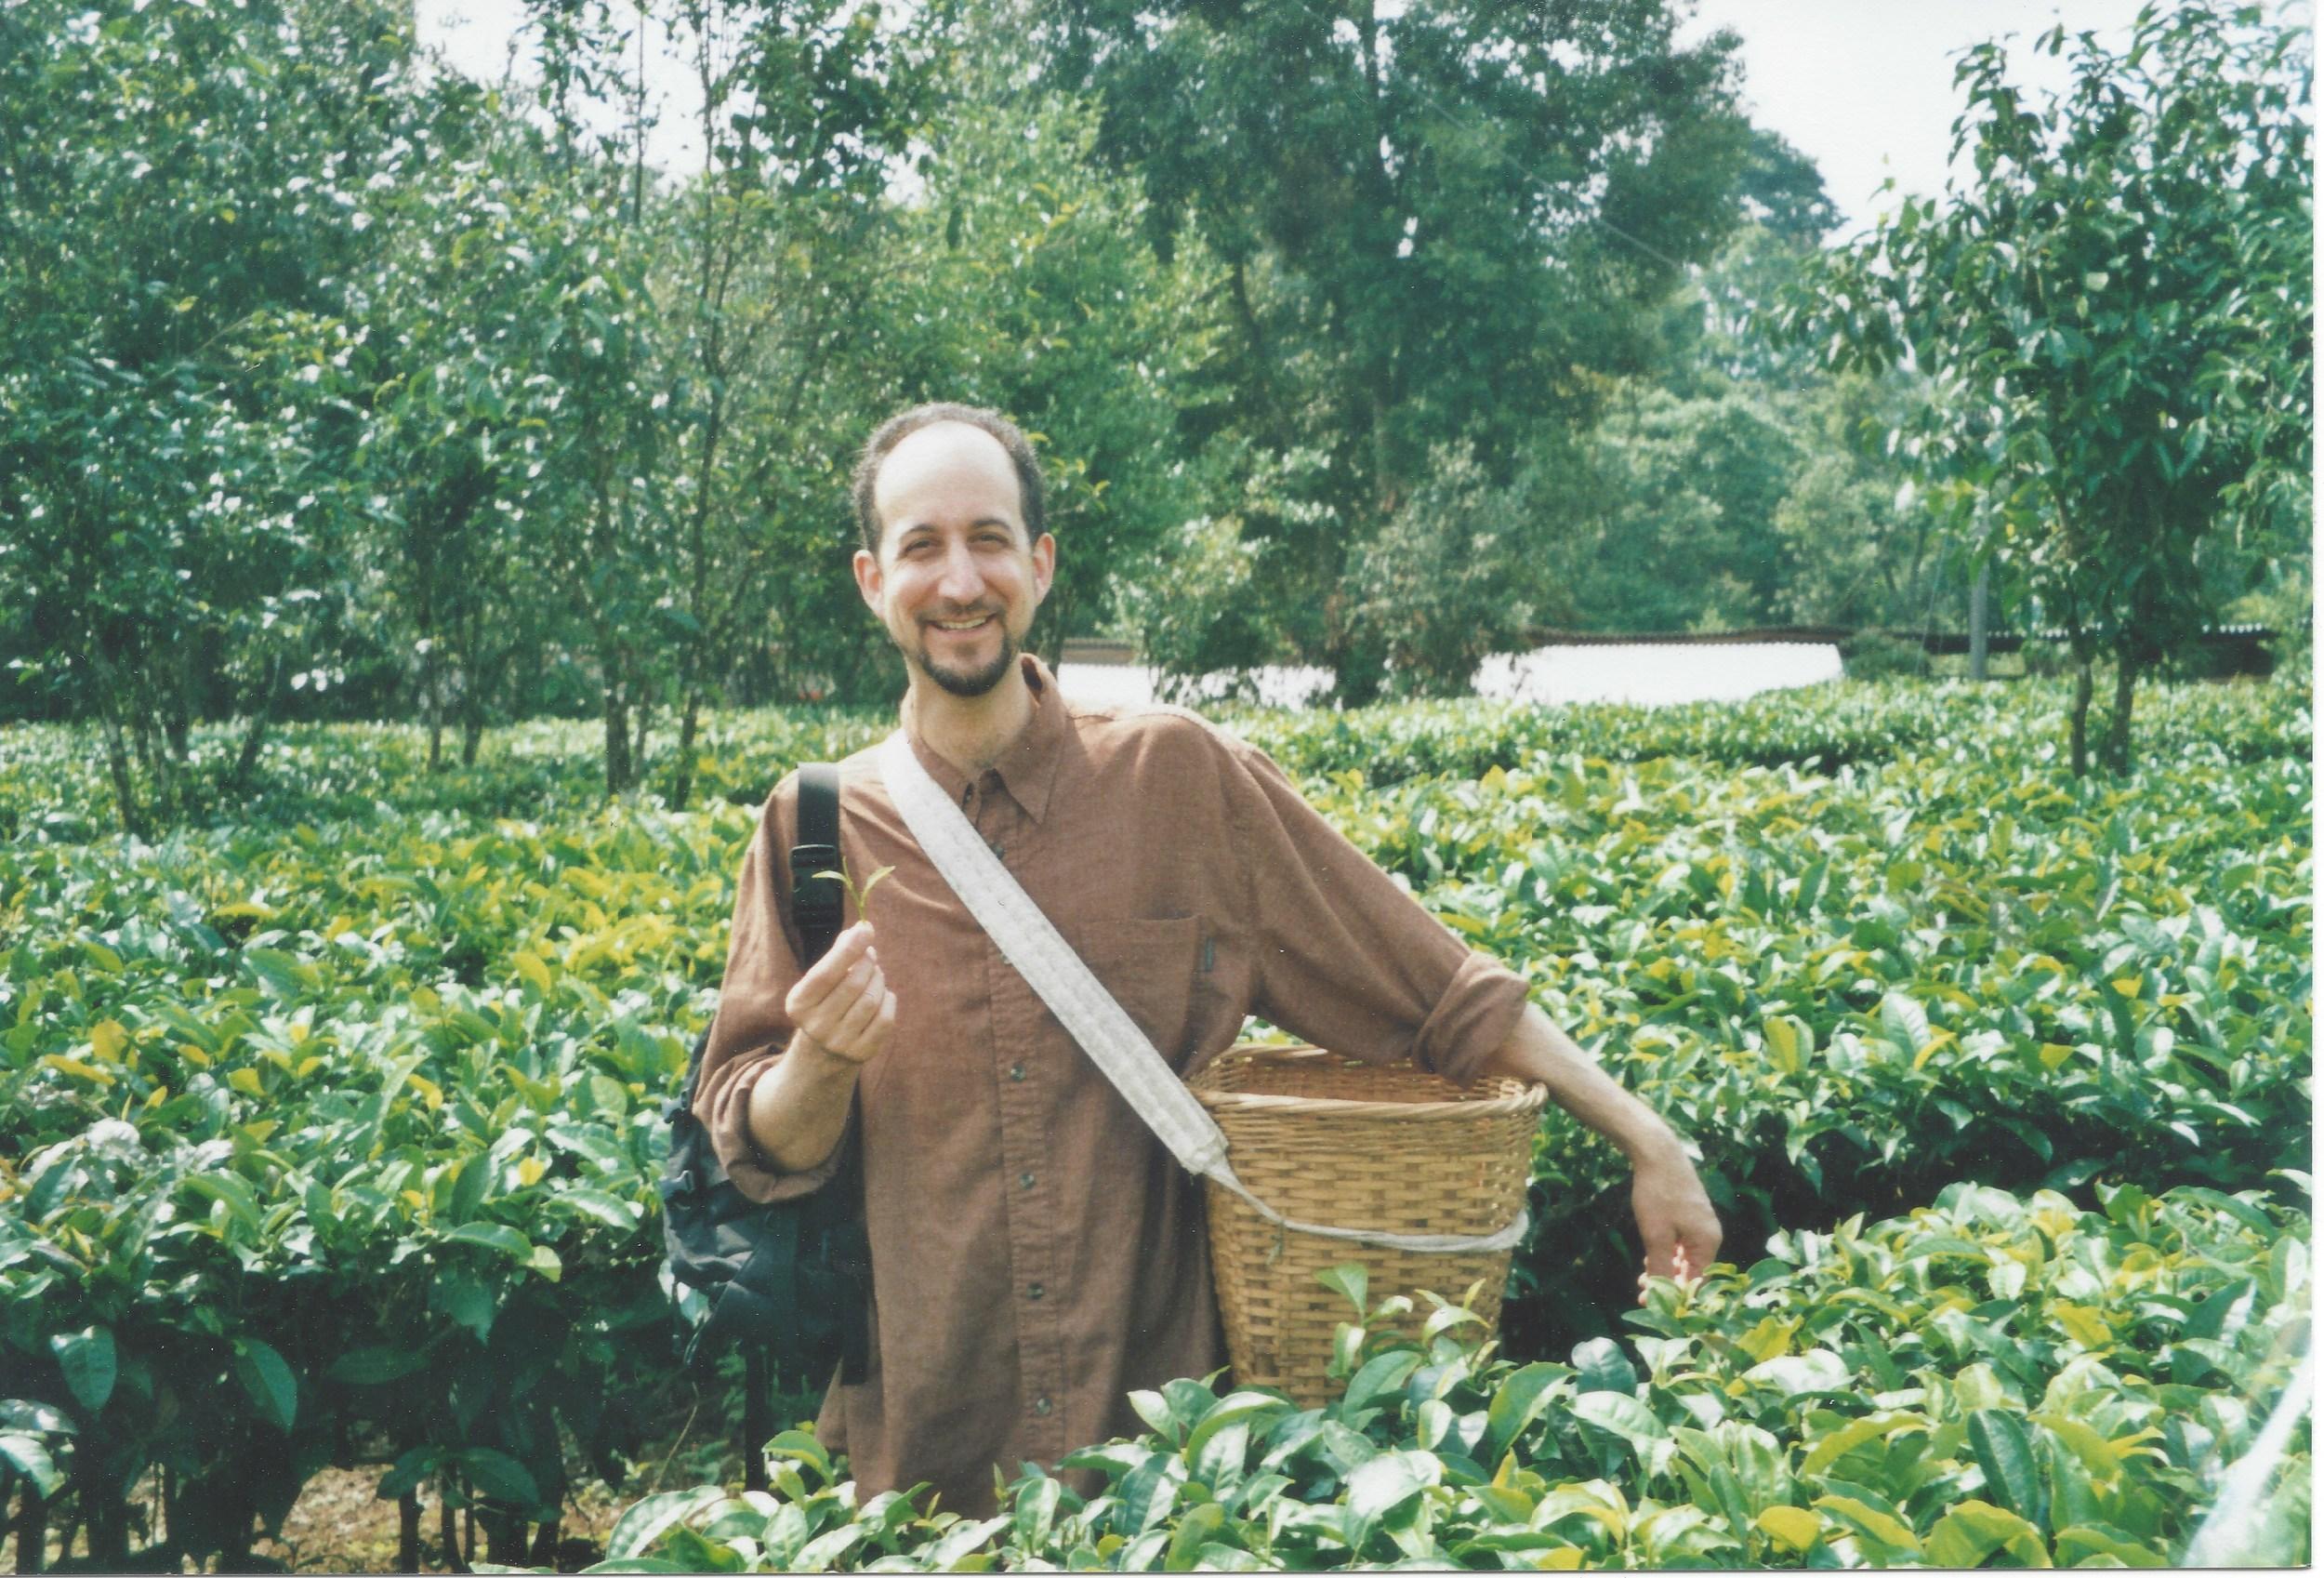 David Wright picking tea, February 2008, Xishuangbanna